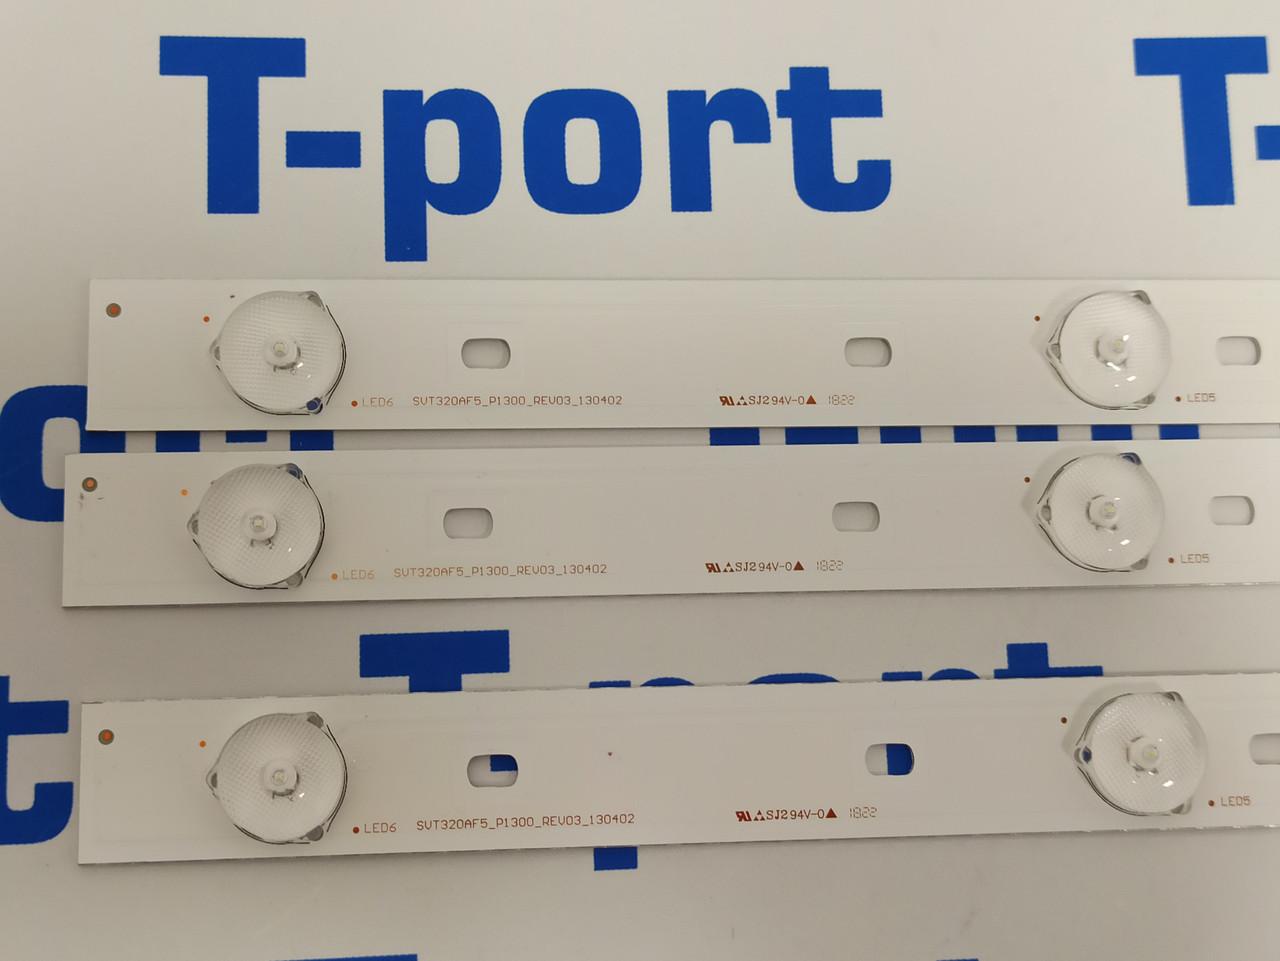 Комплект TOSHIBA 32 SVT320AF5-P1300 6LED REV03 130402